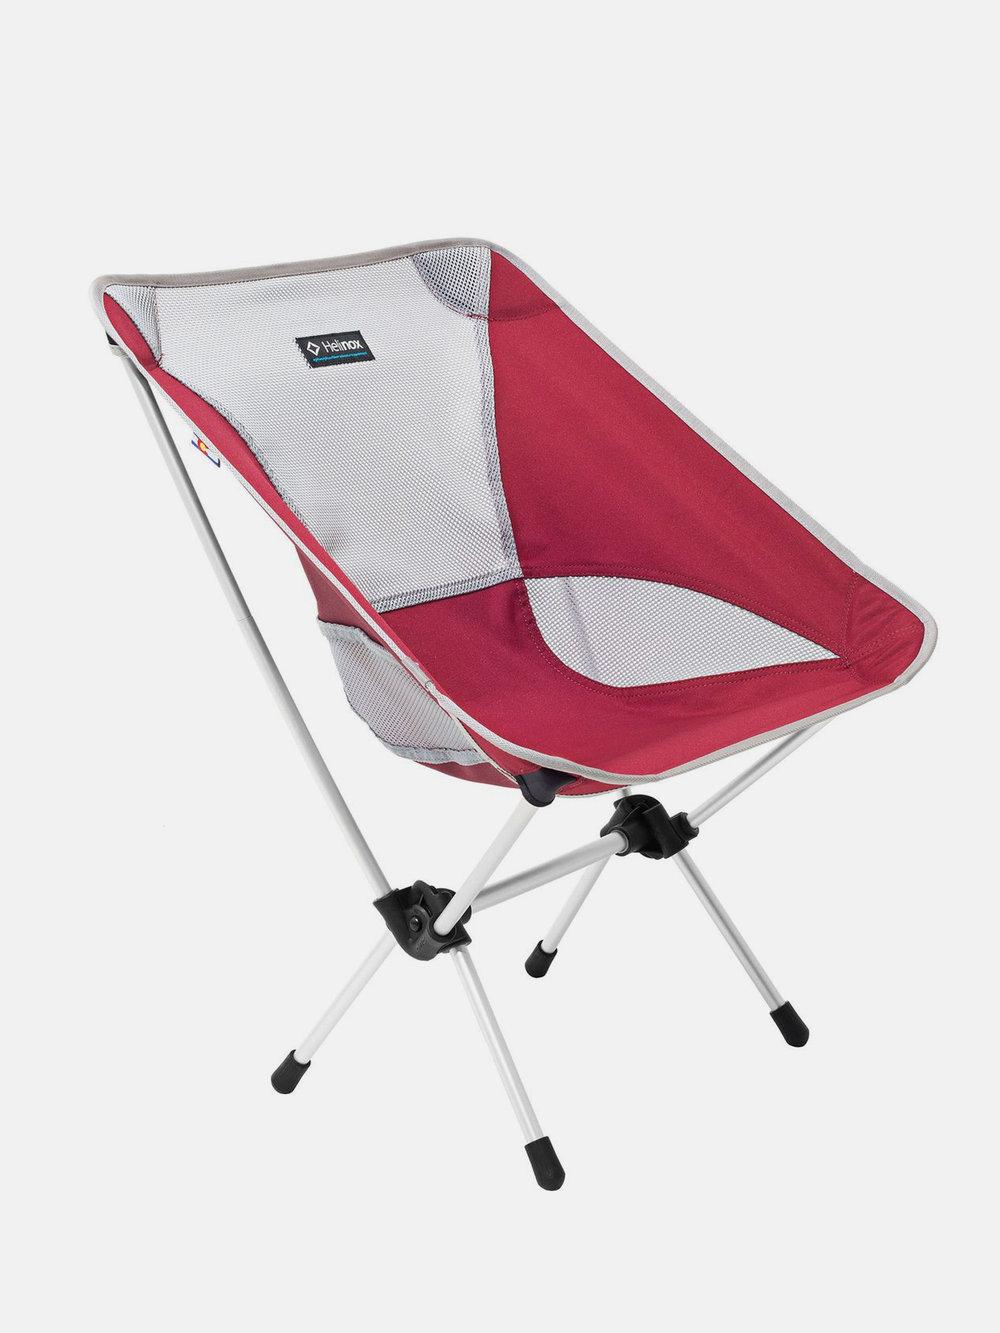 Helinox Camp Chair (2 lbs) - $71.97